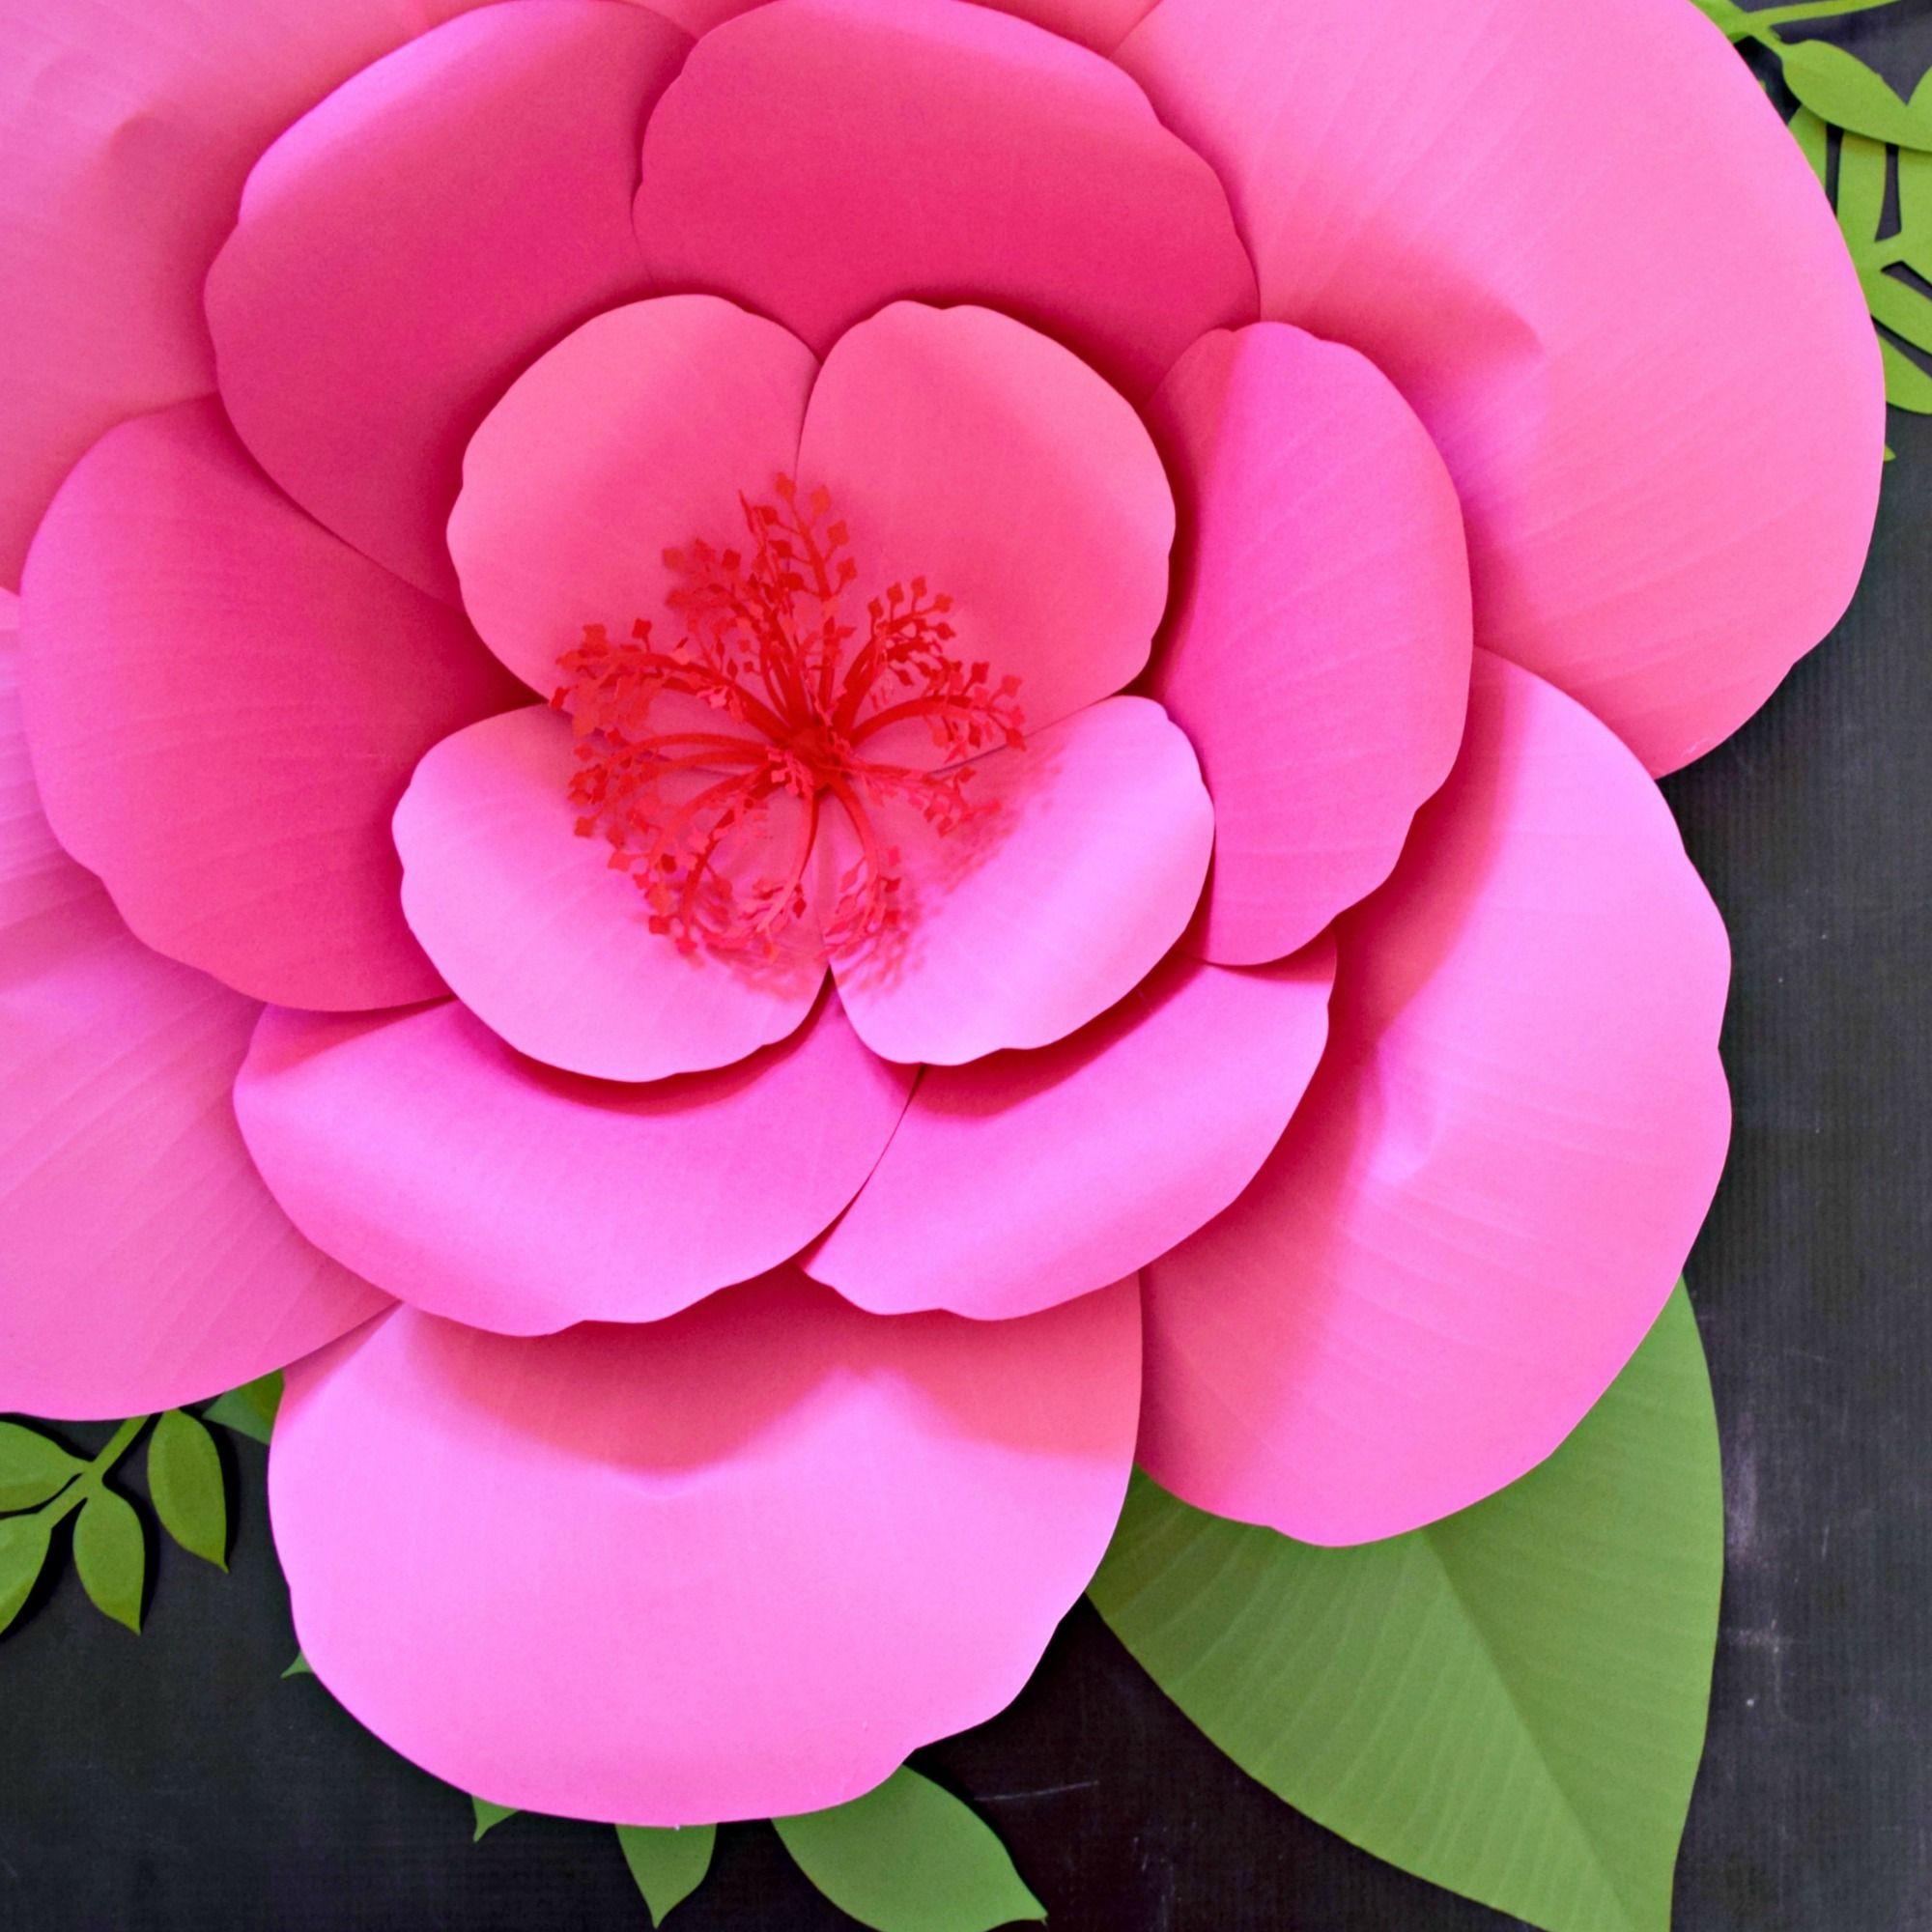 Handmade Flower Tutorials 37 Inspiring Flower Projects Pinterest